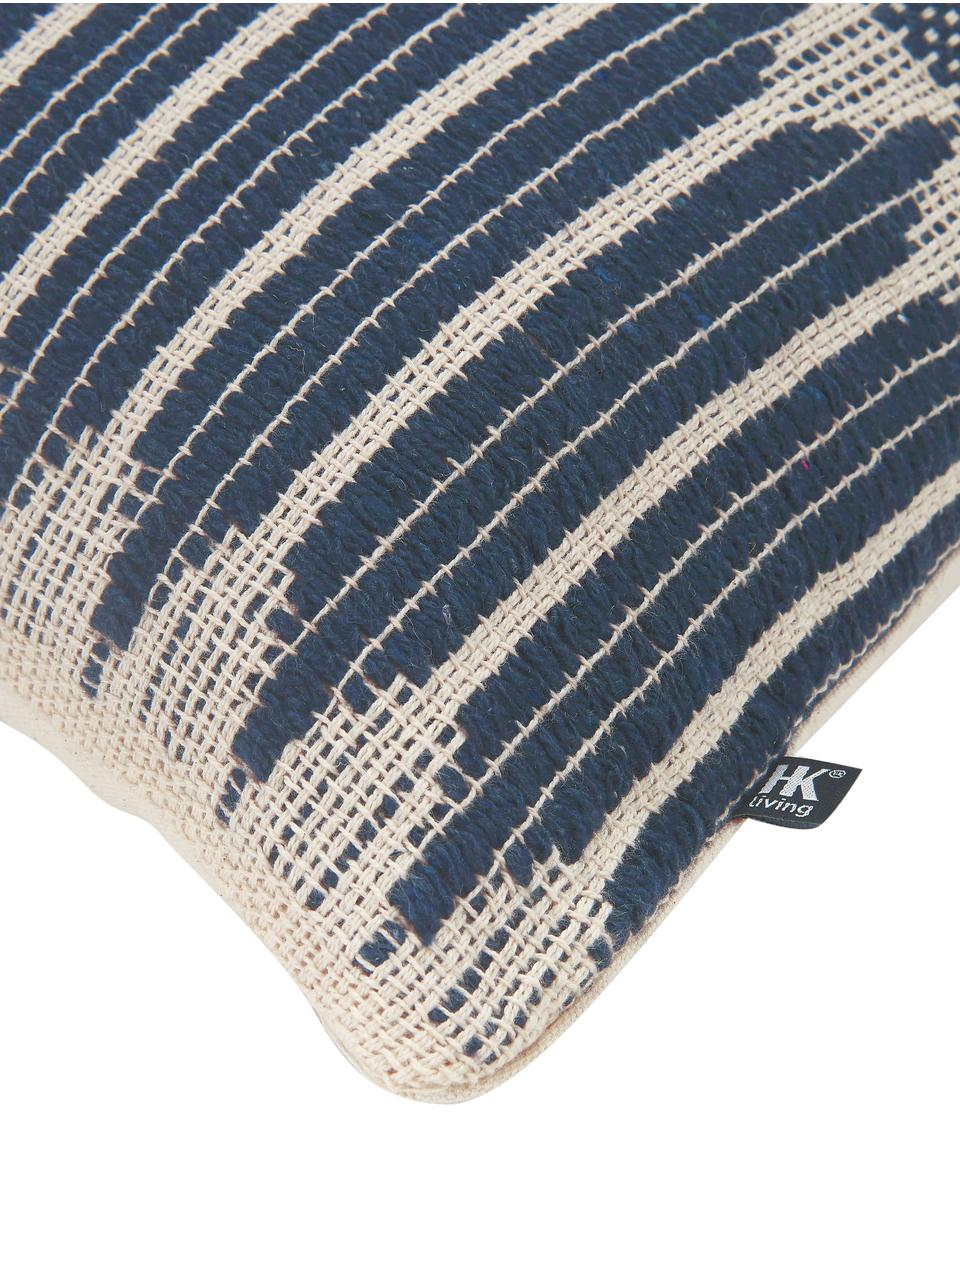 Cuscino con imbottitura fatto a mano Aztec, Custodia: 100% cotone, Blu scuro, crema, Larg.40 x Lung. 60 cm